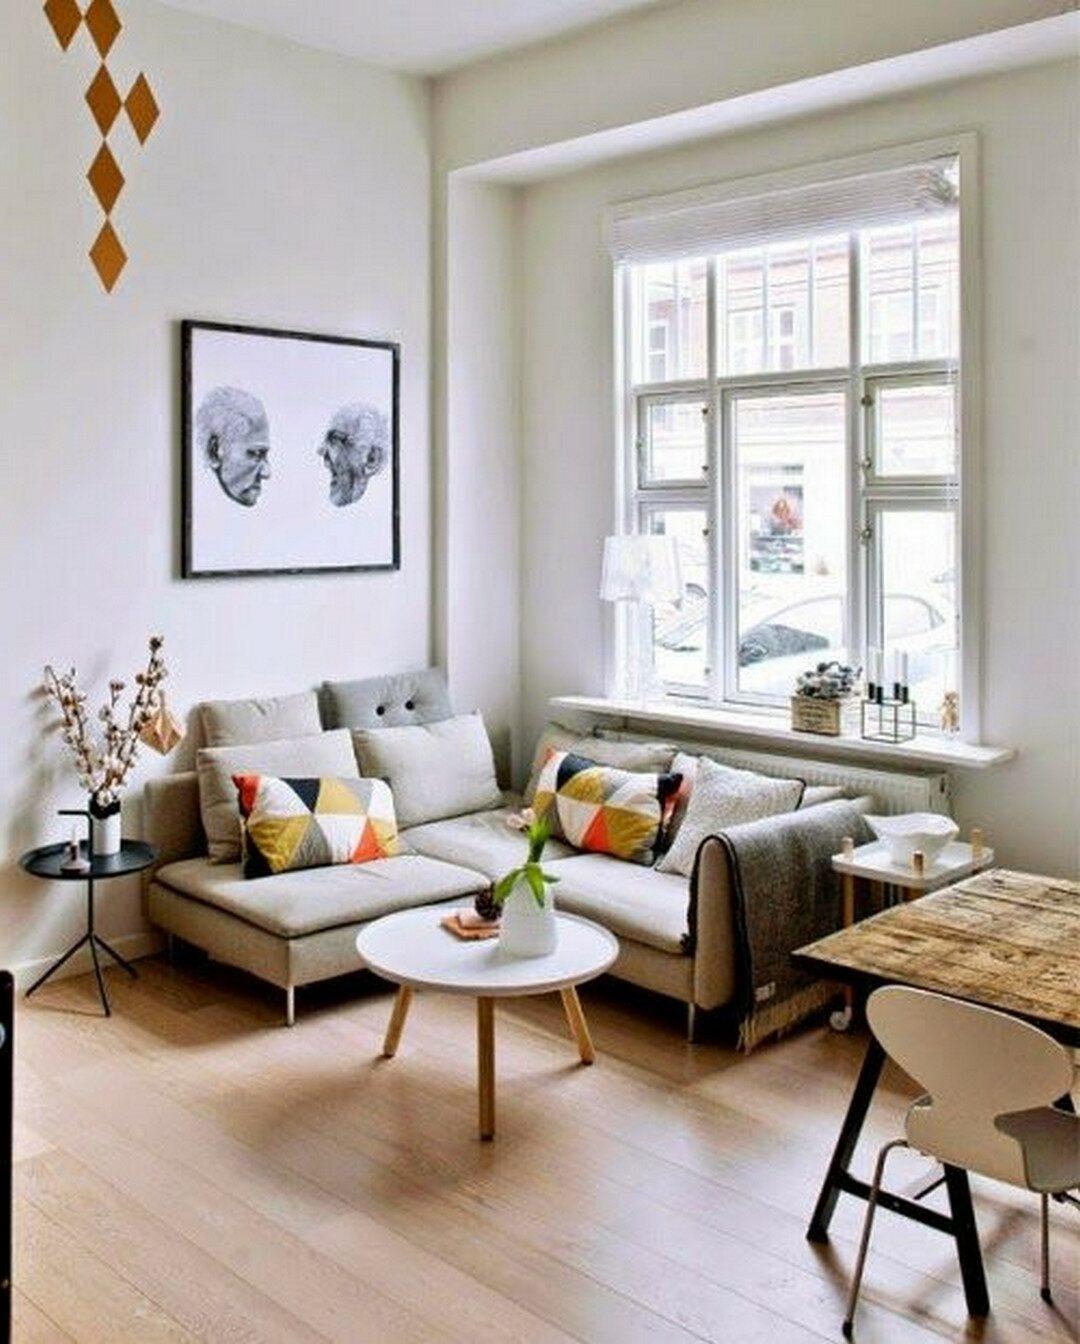 petit salon canapé d'angle gris beige table basse ronde coussin vintage rouge orange blog deco